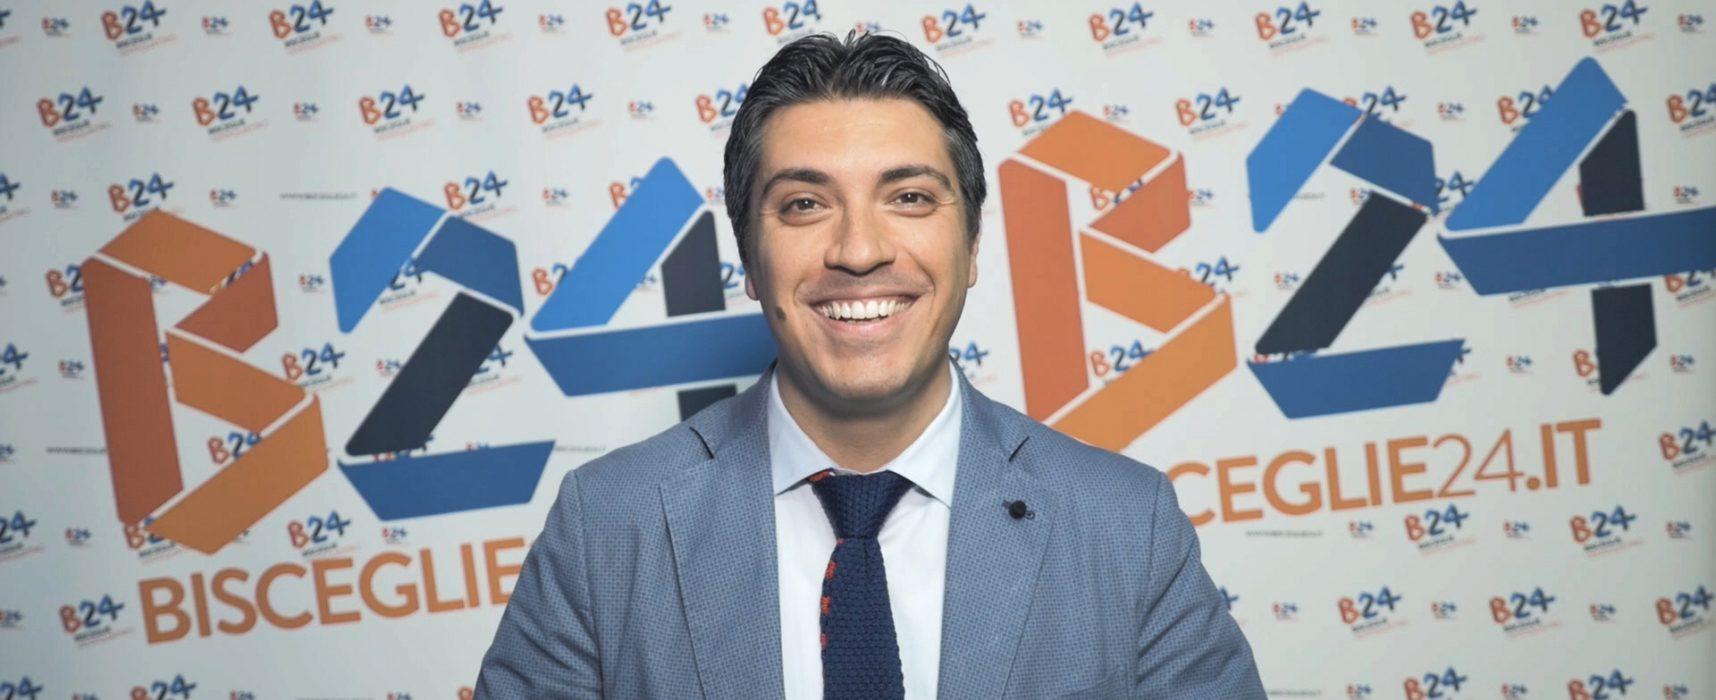 """""""Consiglieri 24"""", la rubrica per conoscere i candidati / Marco Di Leo – VIDEO"""